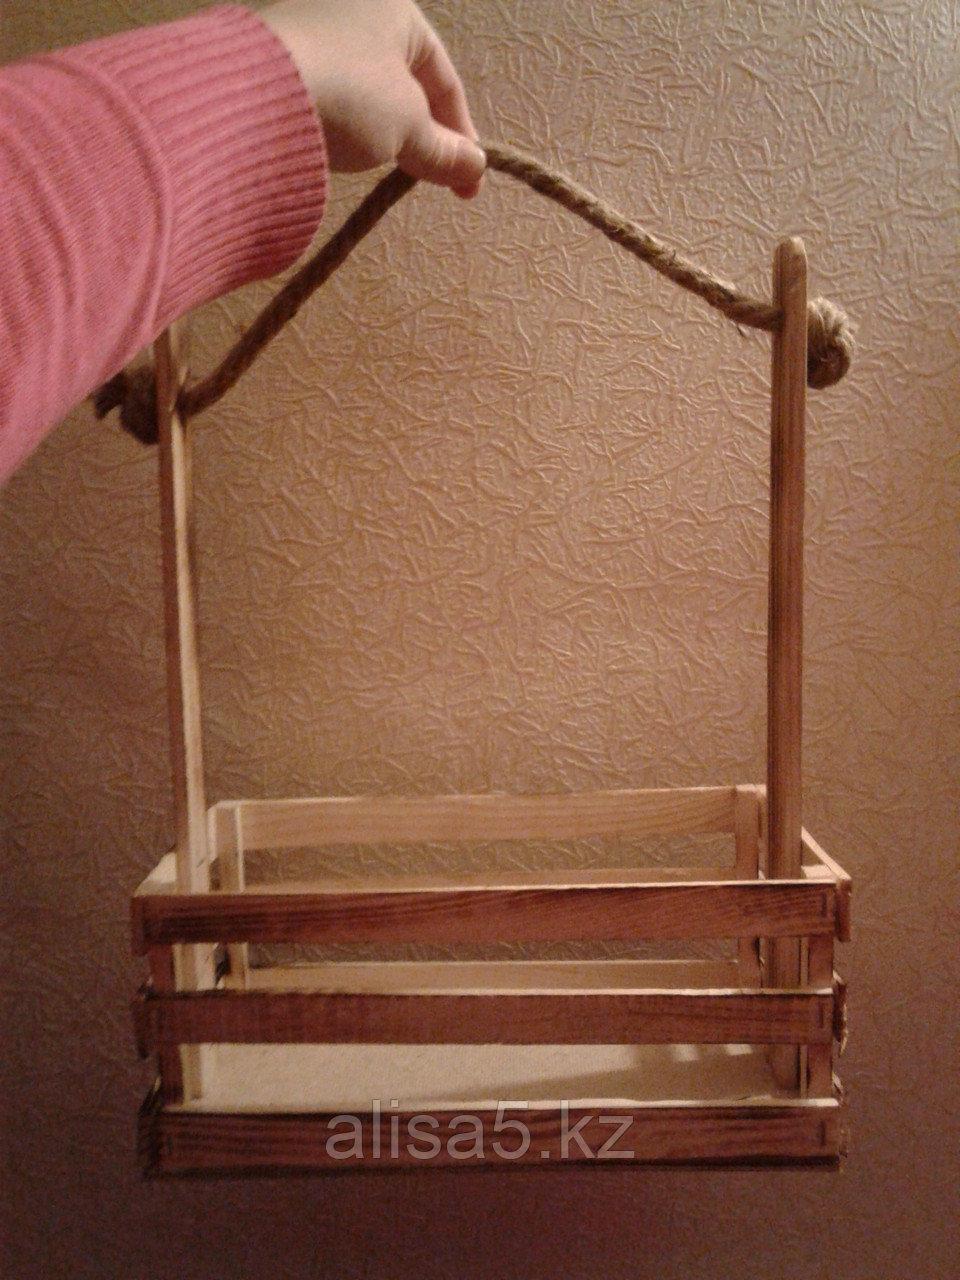 Ящик деревянный для срезанных цветов  27*14*11 см (ручка 35 см)